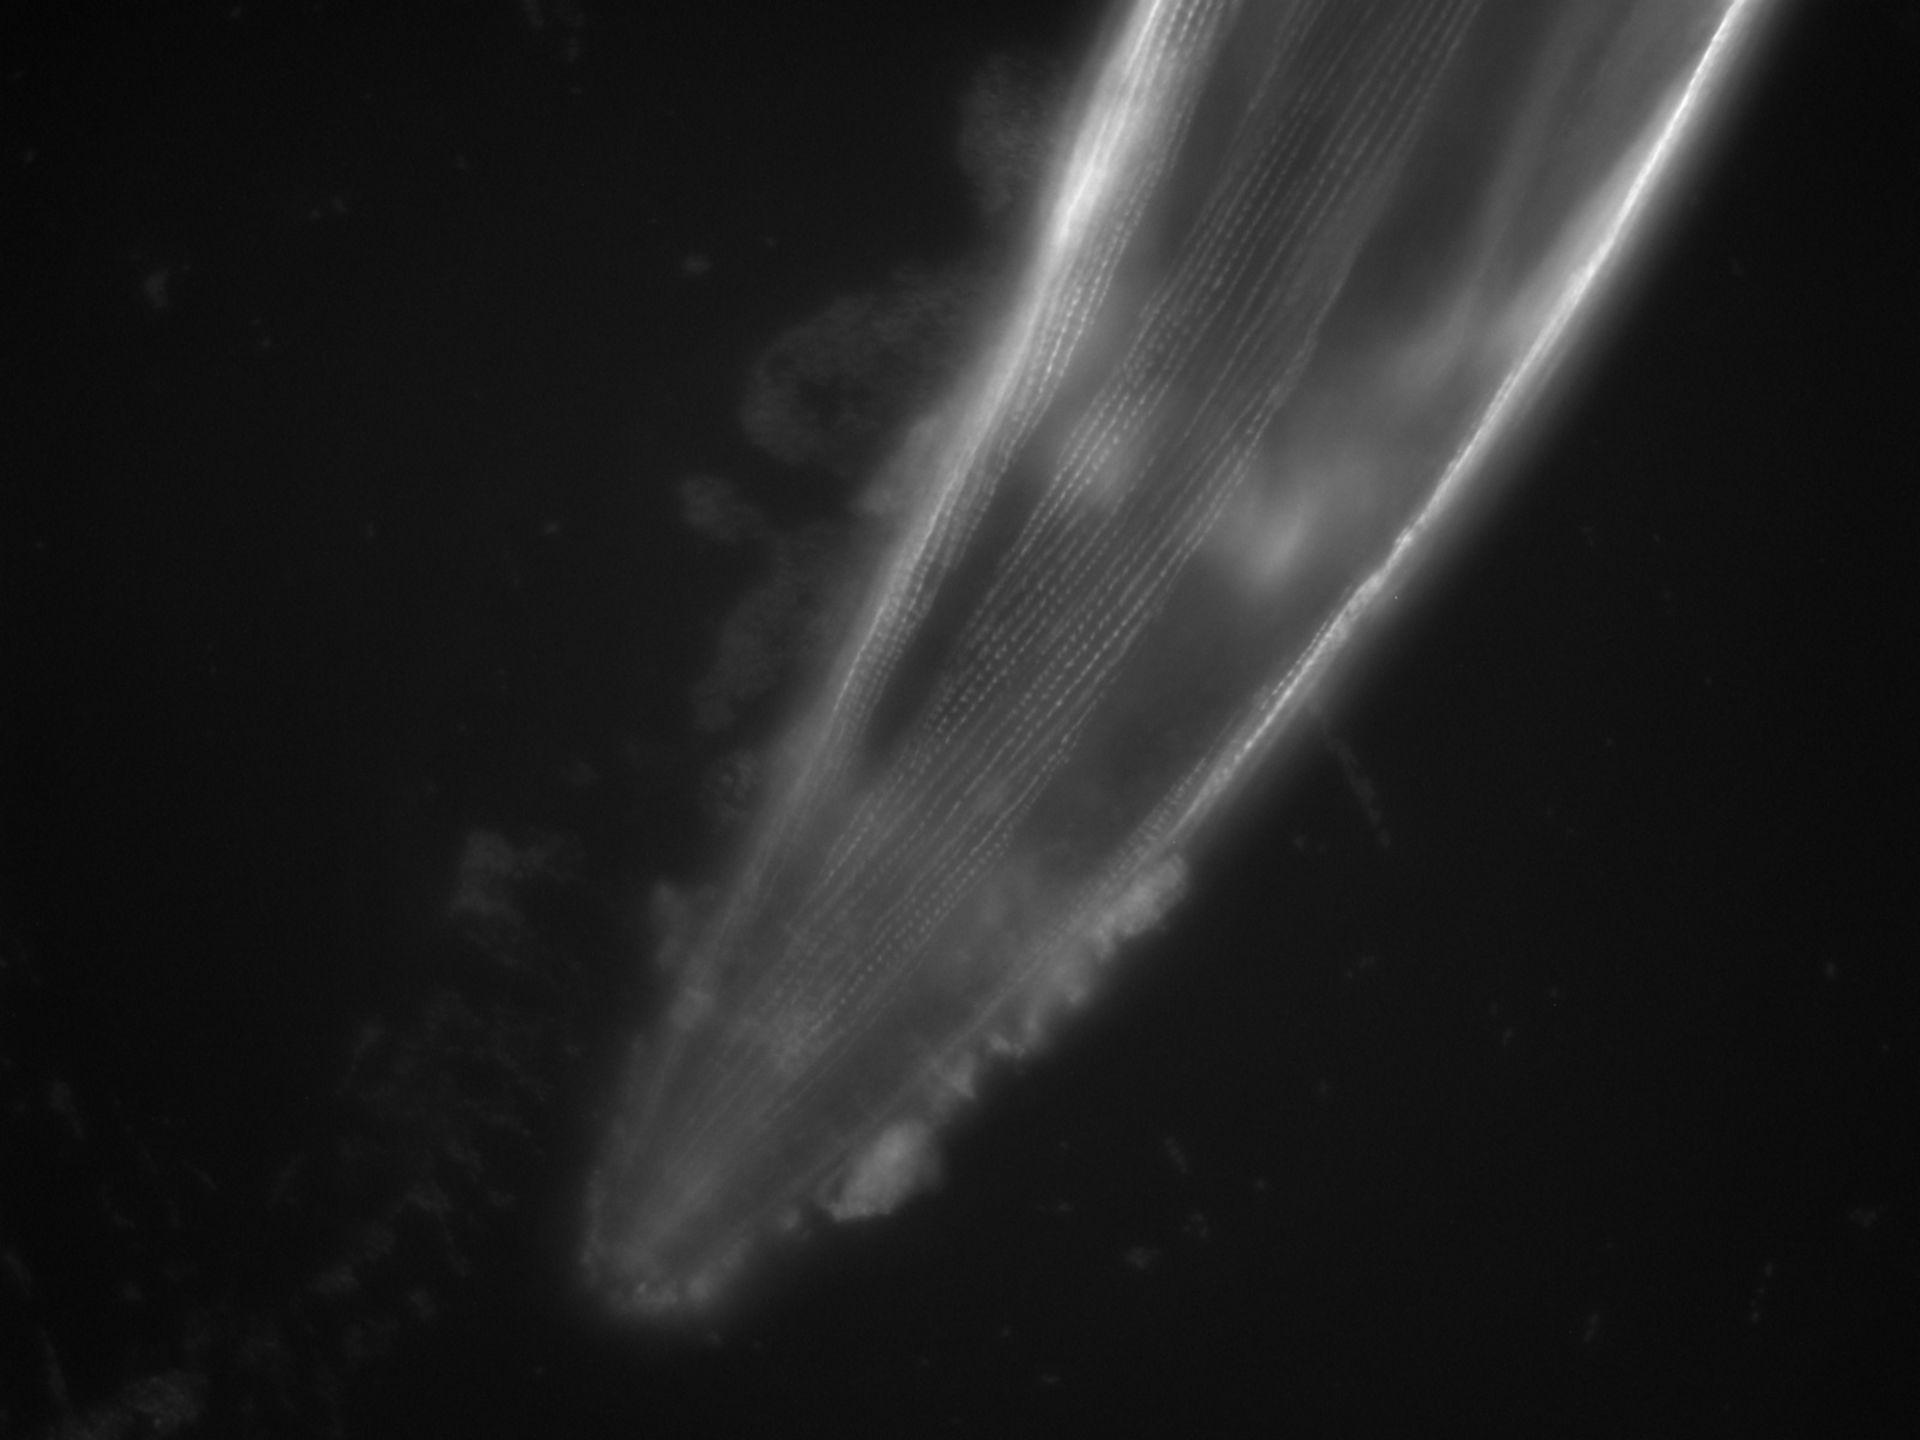 Caenorhabditis elegans (Actin filament) - CIL:1112